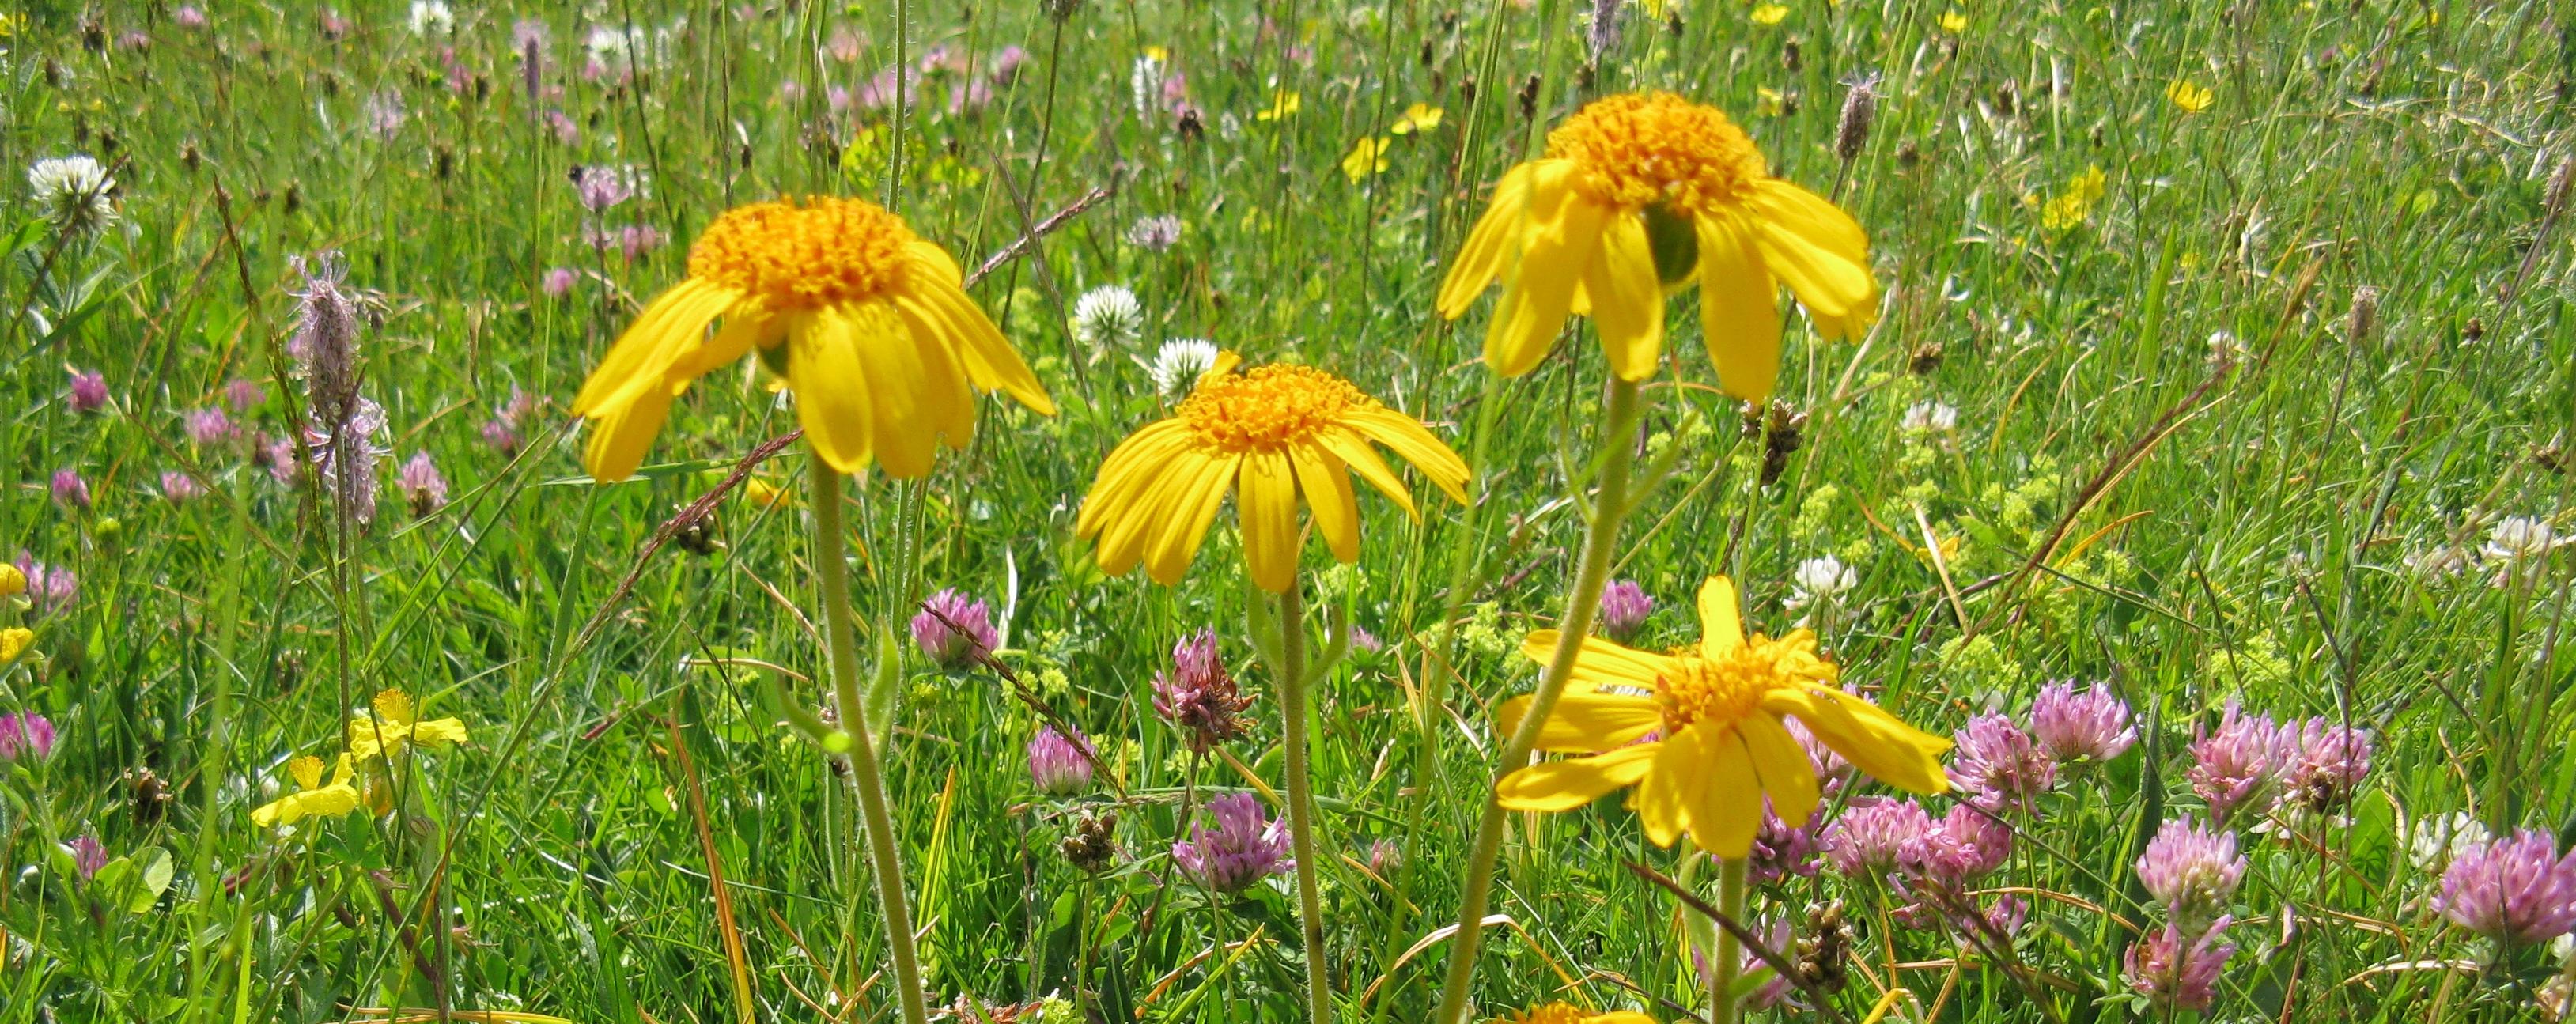 Immagini di confezioni di piante e fiori idee per for Piante e fiori